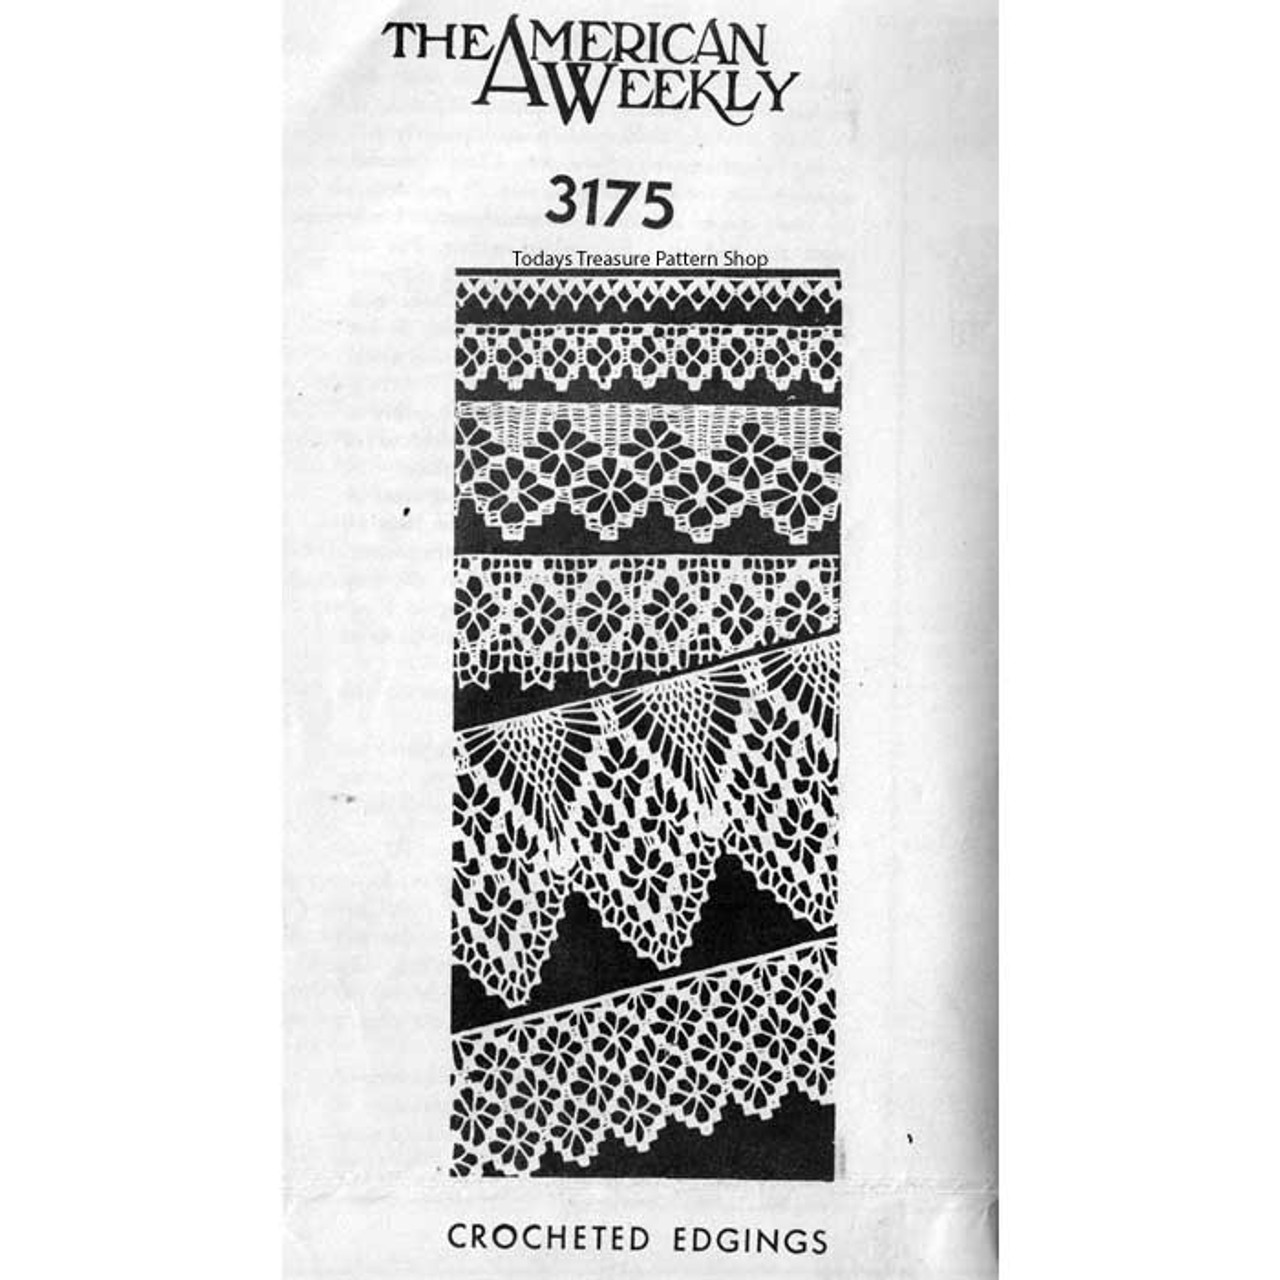 Mail Order Crocheted Edgings Pattern American Weekly 3175